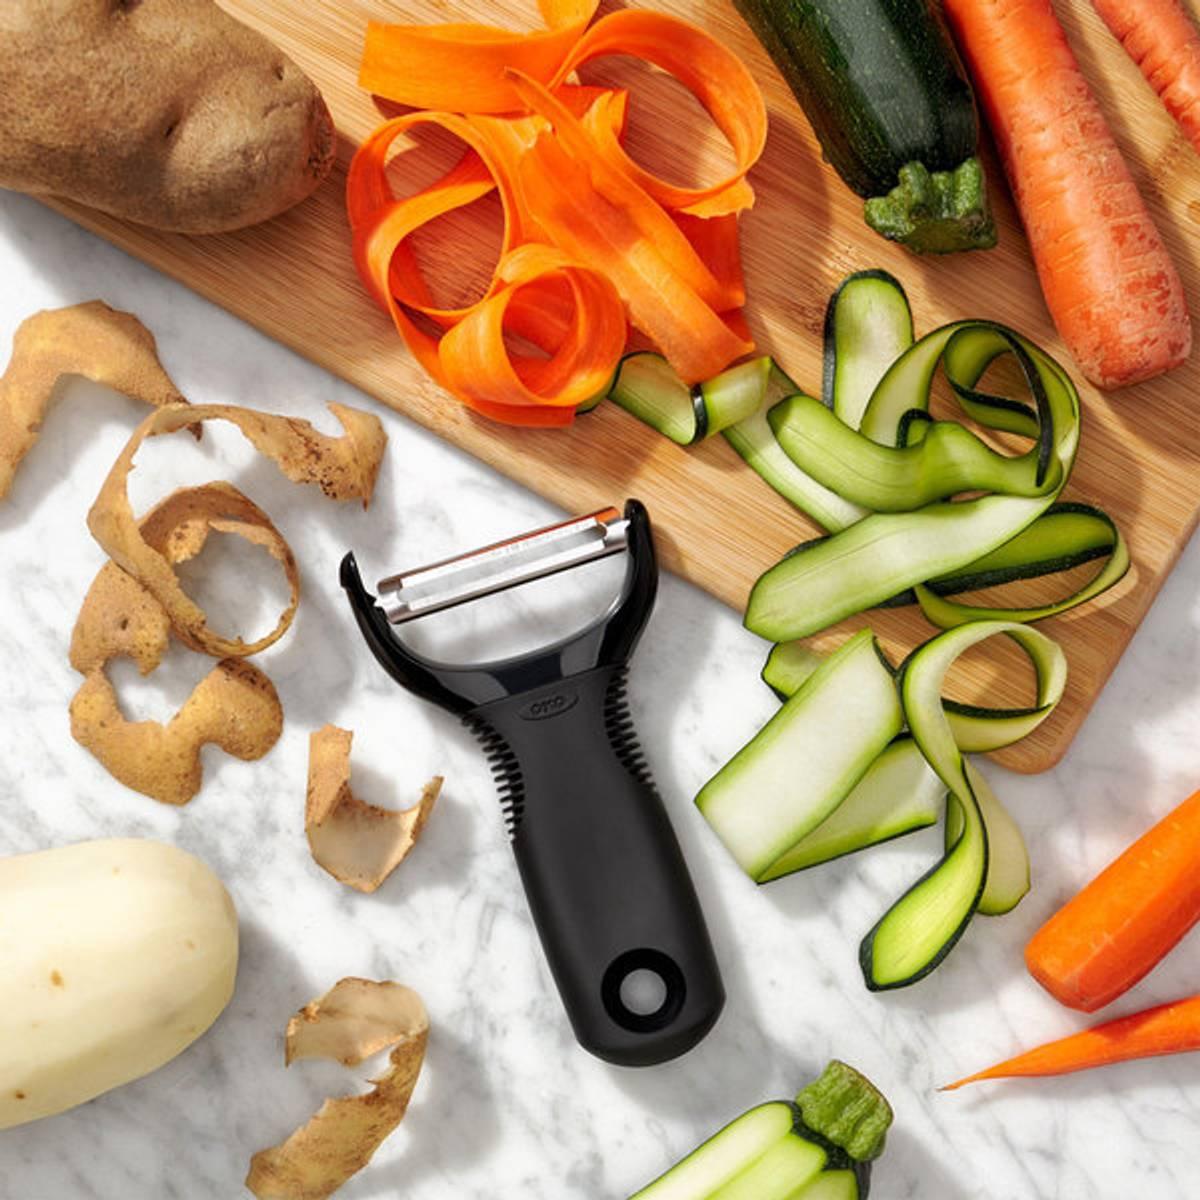 Grønnsaksskreller med godt grep